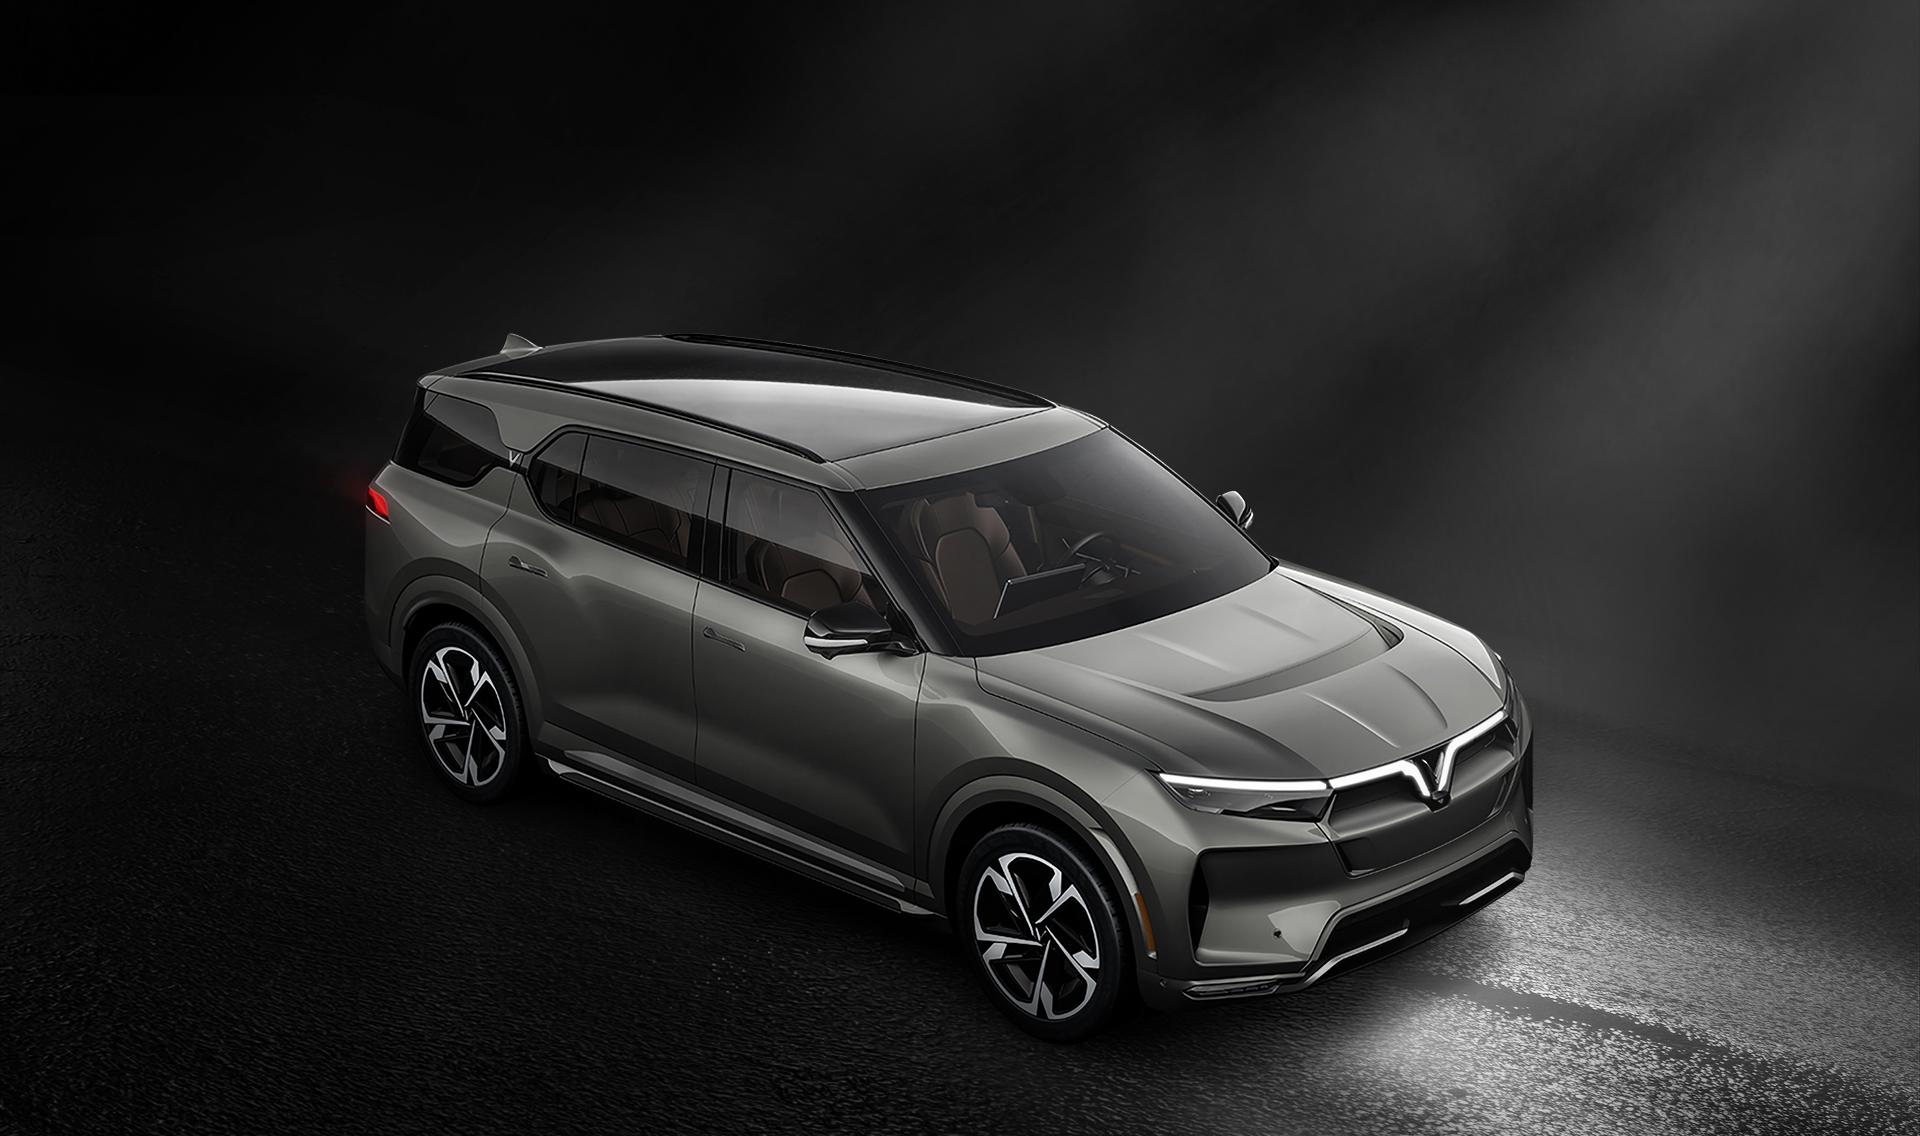 Ô tô điện VinFast có thể chạy 550 Km khi sạc đầy pin, thiết kế xe có gì đặc biệt? - Ảnh 8.